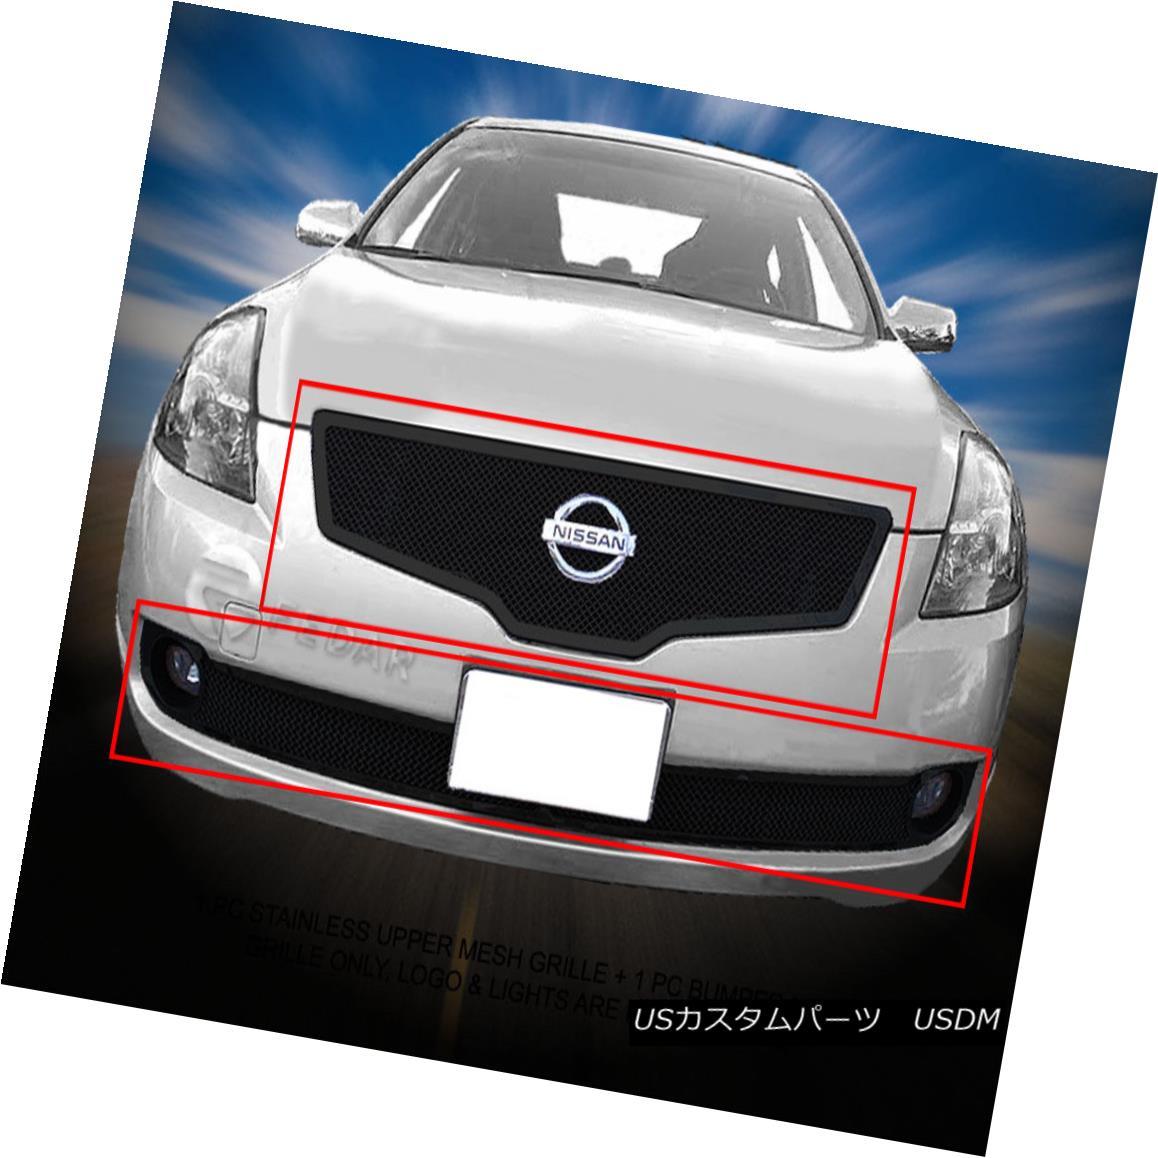 グリル For 07-09 Nissan Altima Sedan Black Stainless Steel Mesh Grille Combo Fedar 07-09日産アルティマセダンブラックステンレスメッシュグリルコンボ・フェルダ